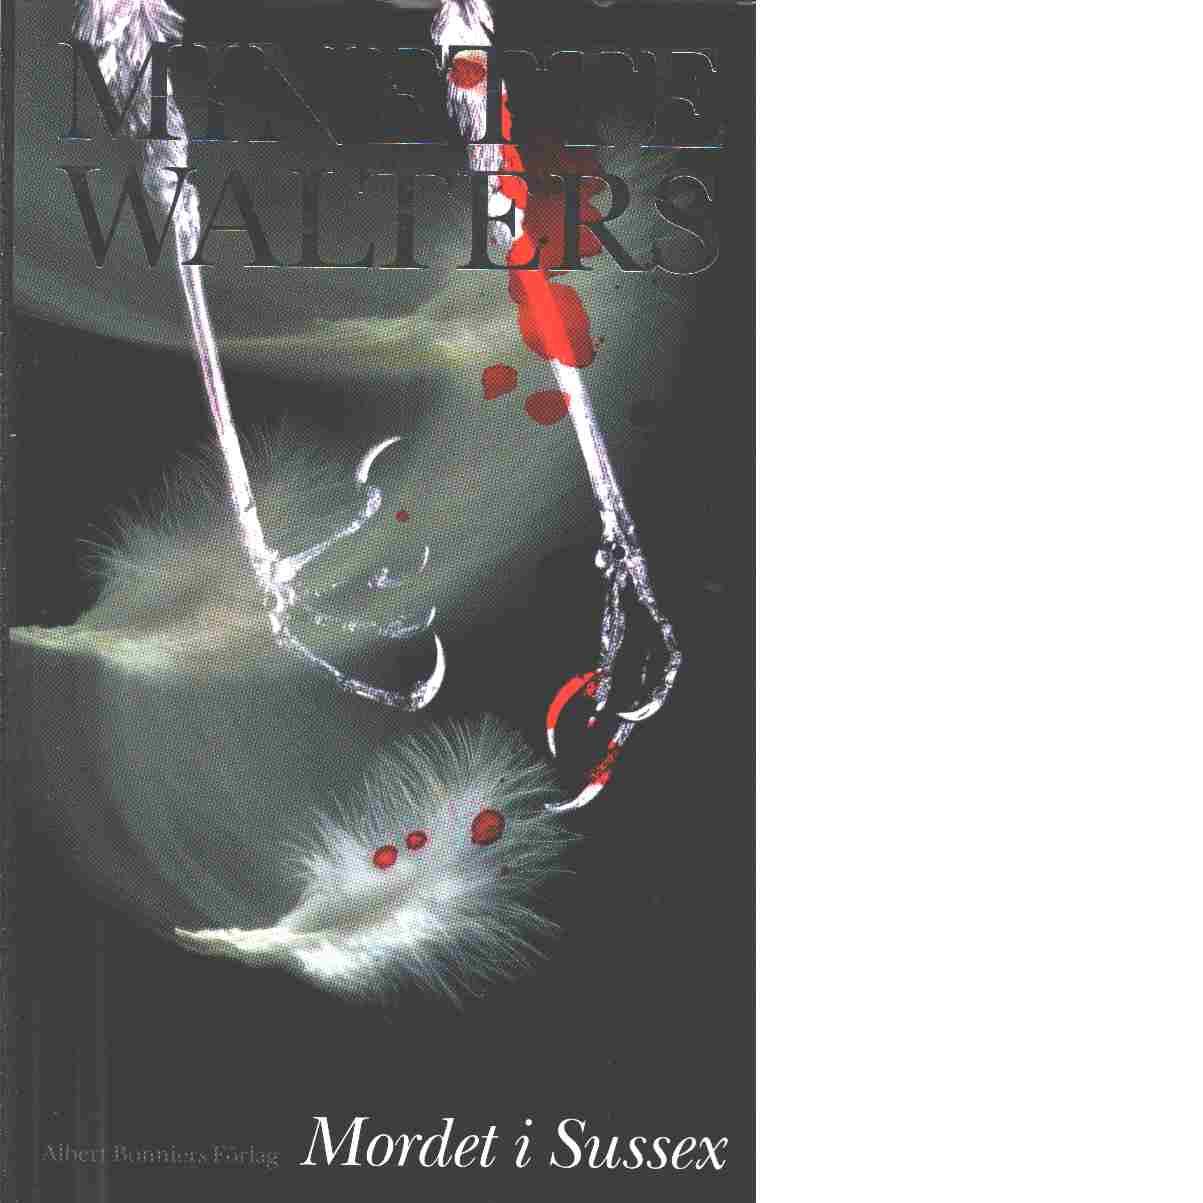 Mordet i Sussex - Walters, Minette